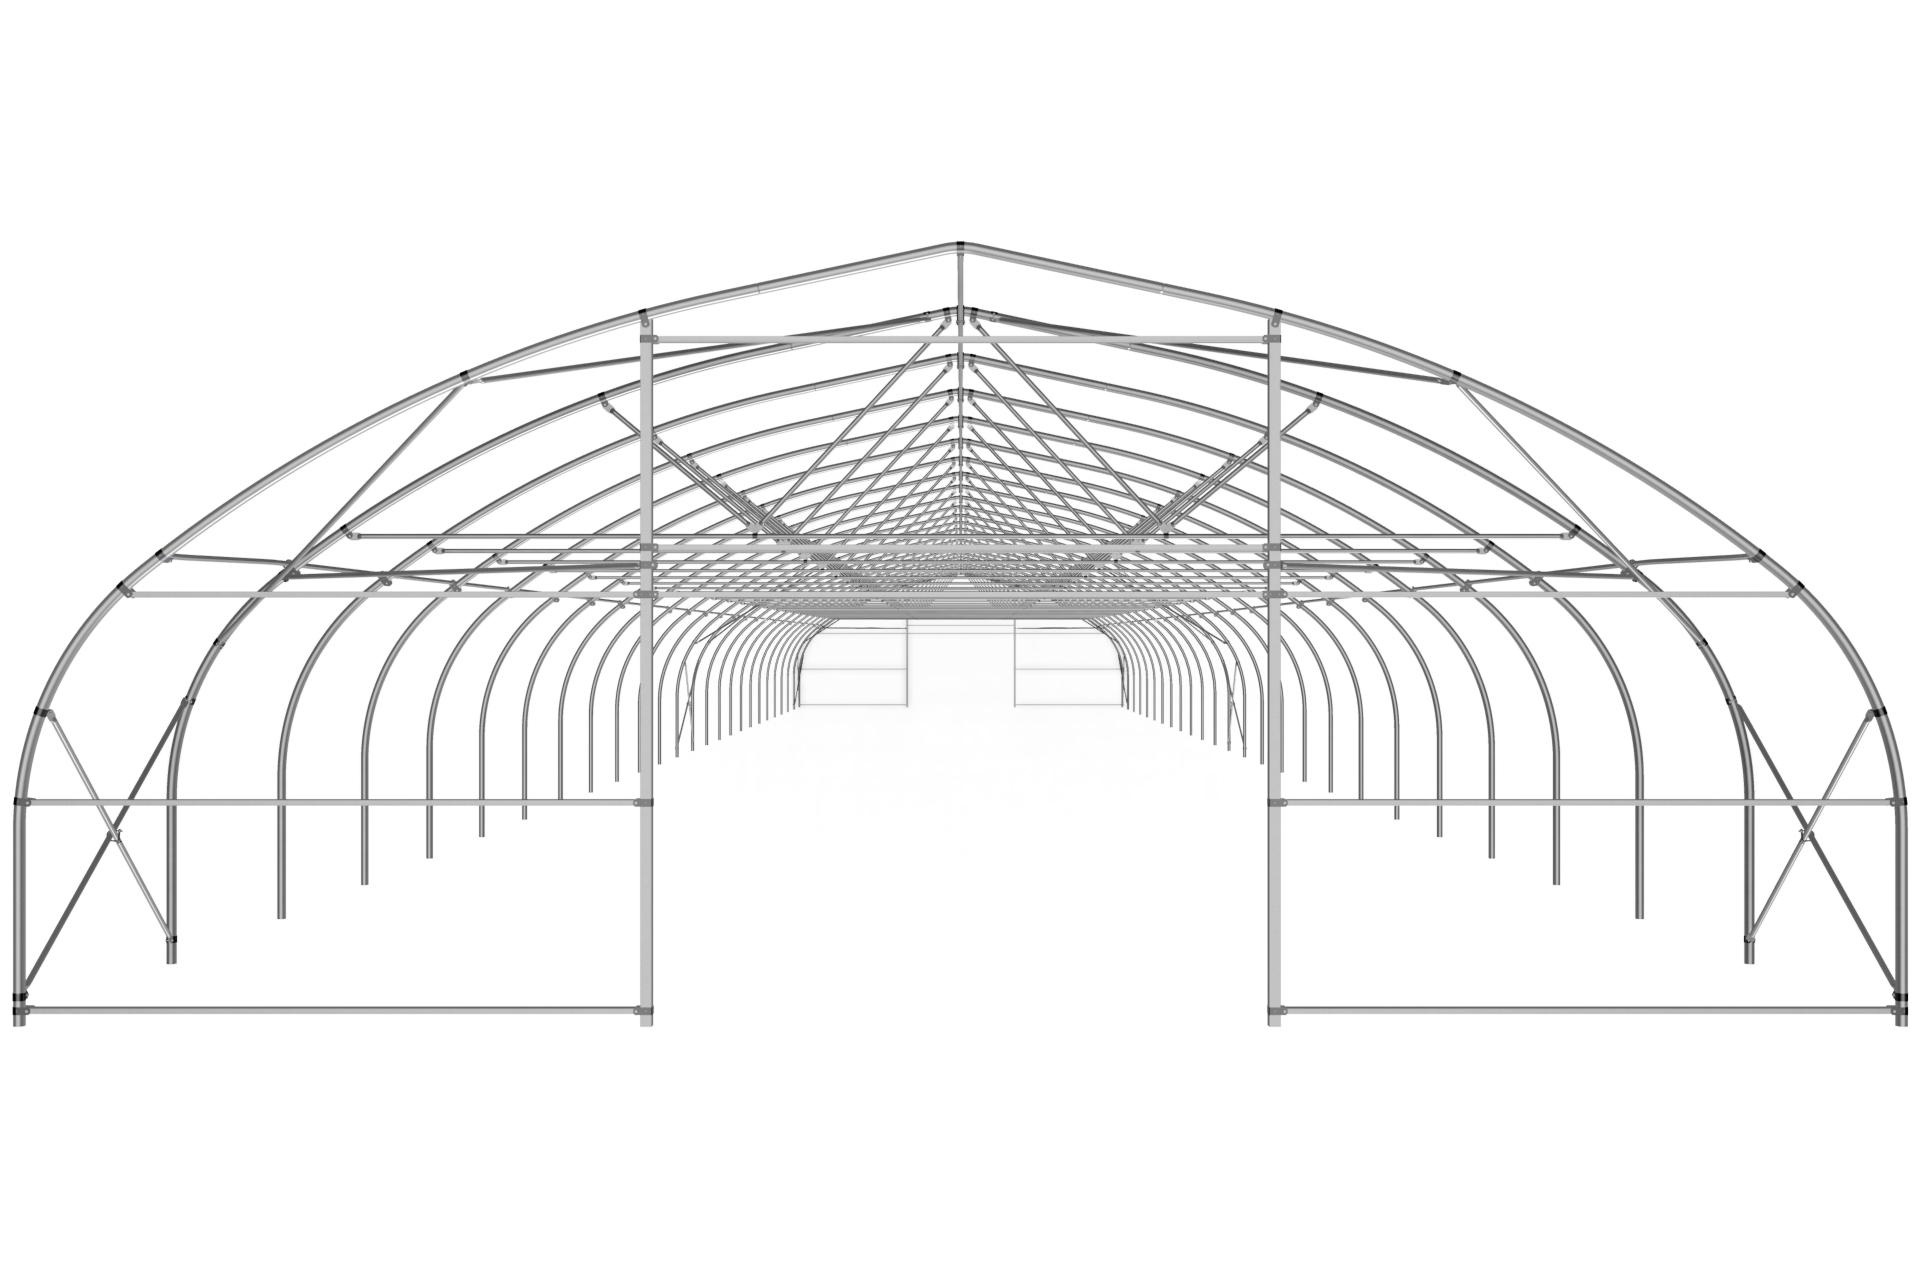 Фермерская теплица туннельная с прямой стенкой 9,6х4,0 м